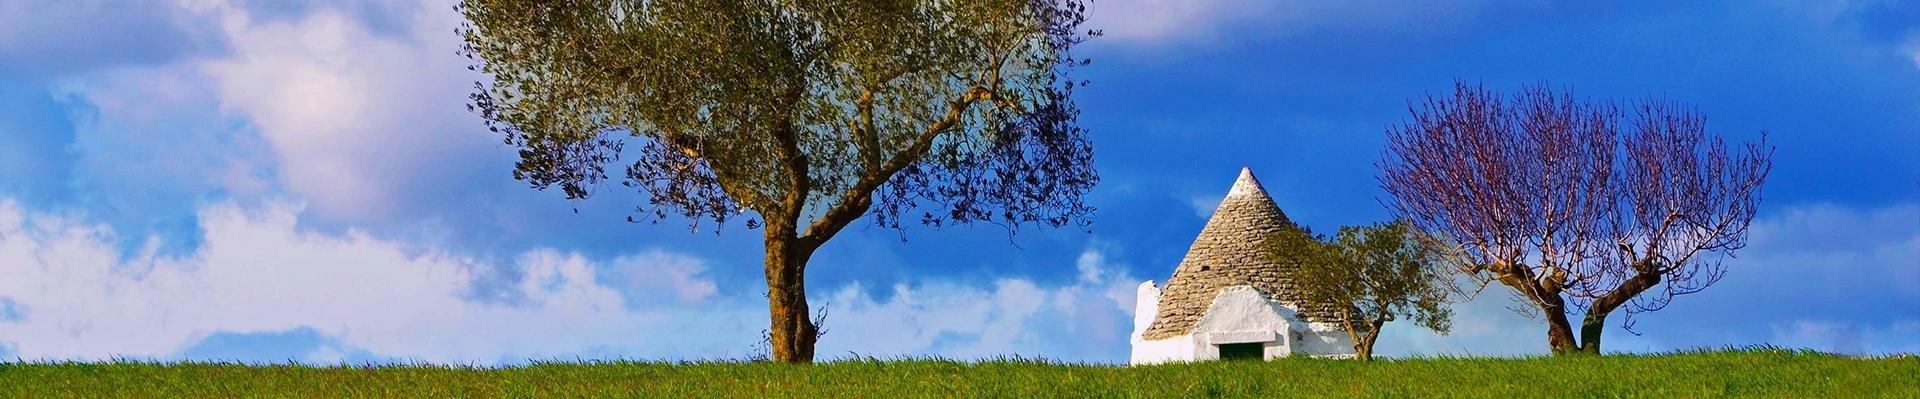 Apulië, Italië